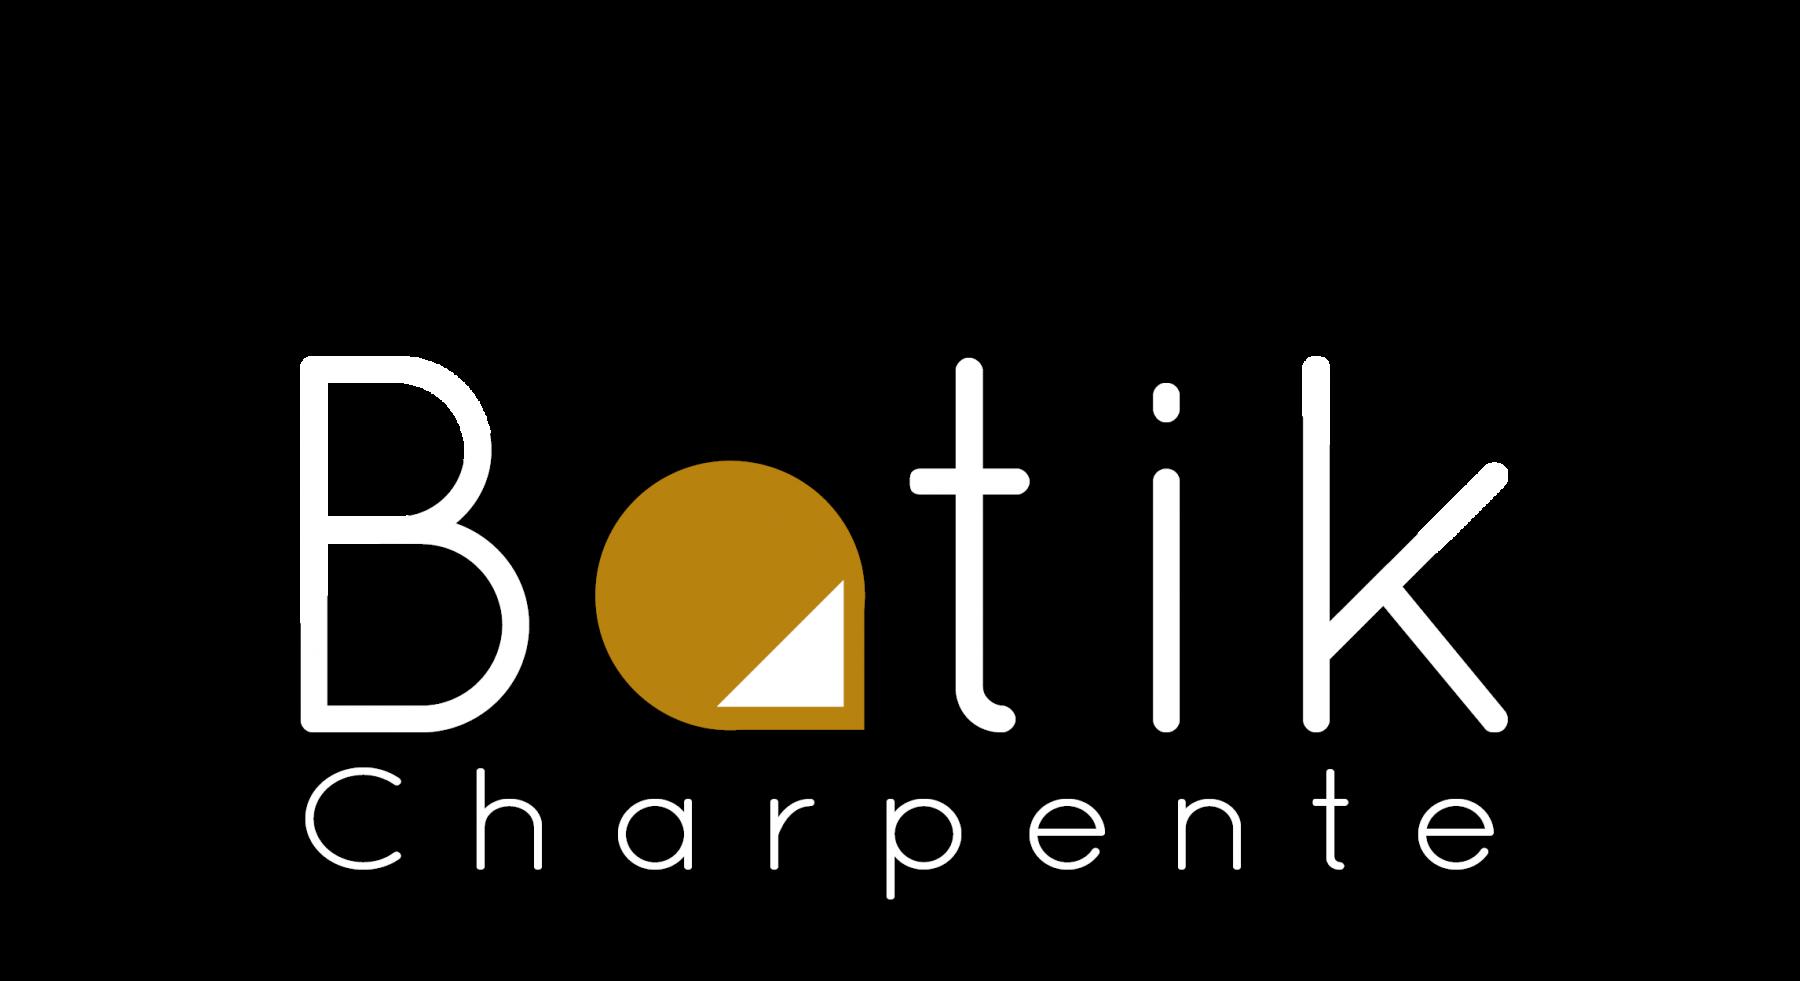 Batik Charpente